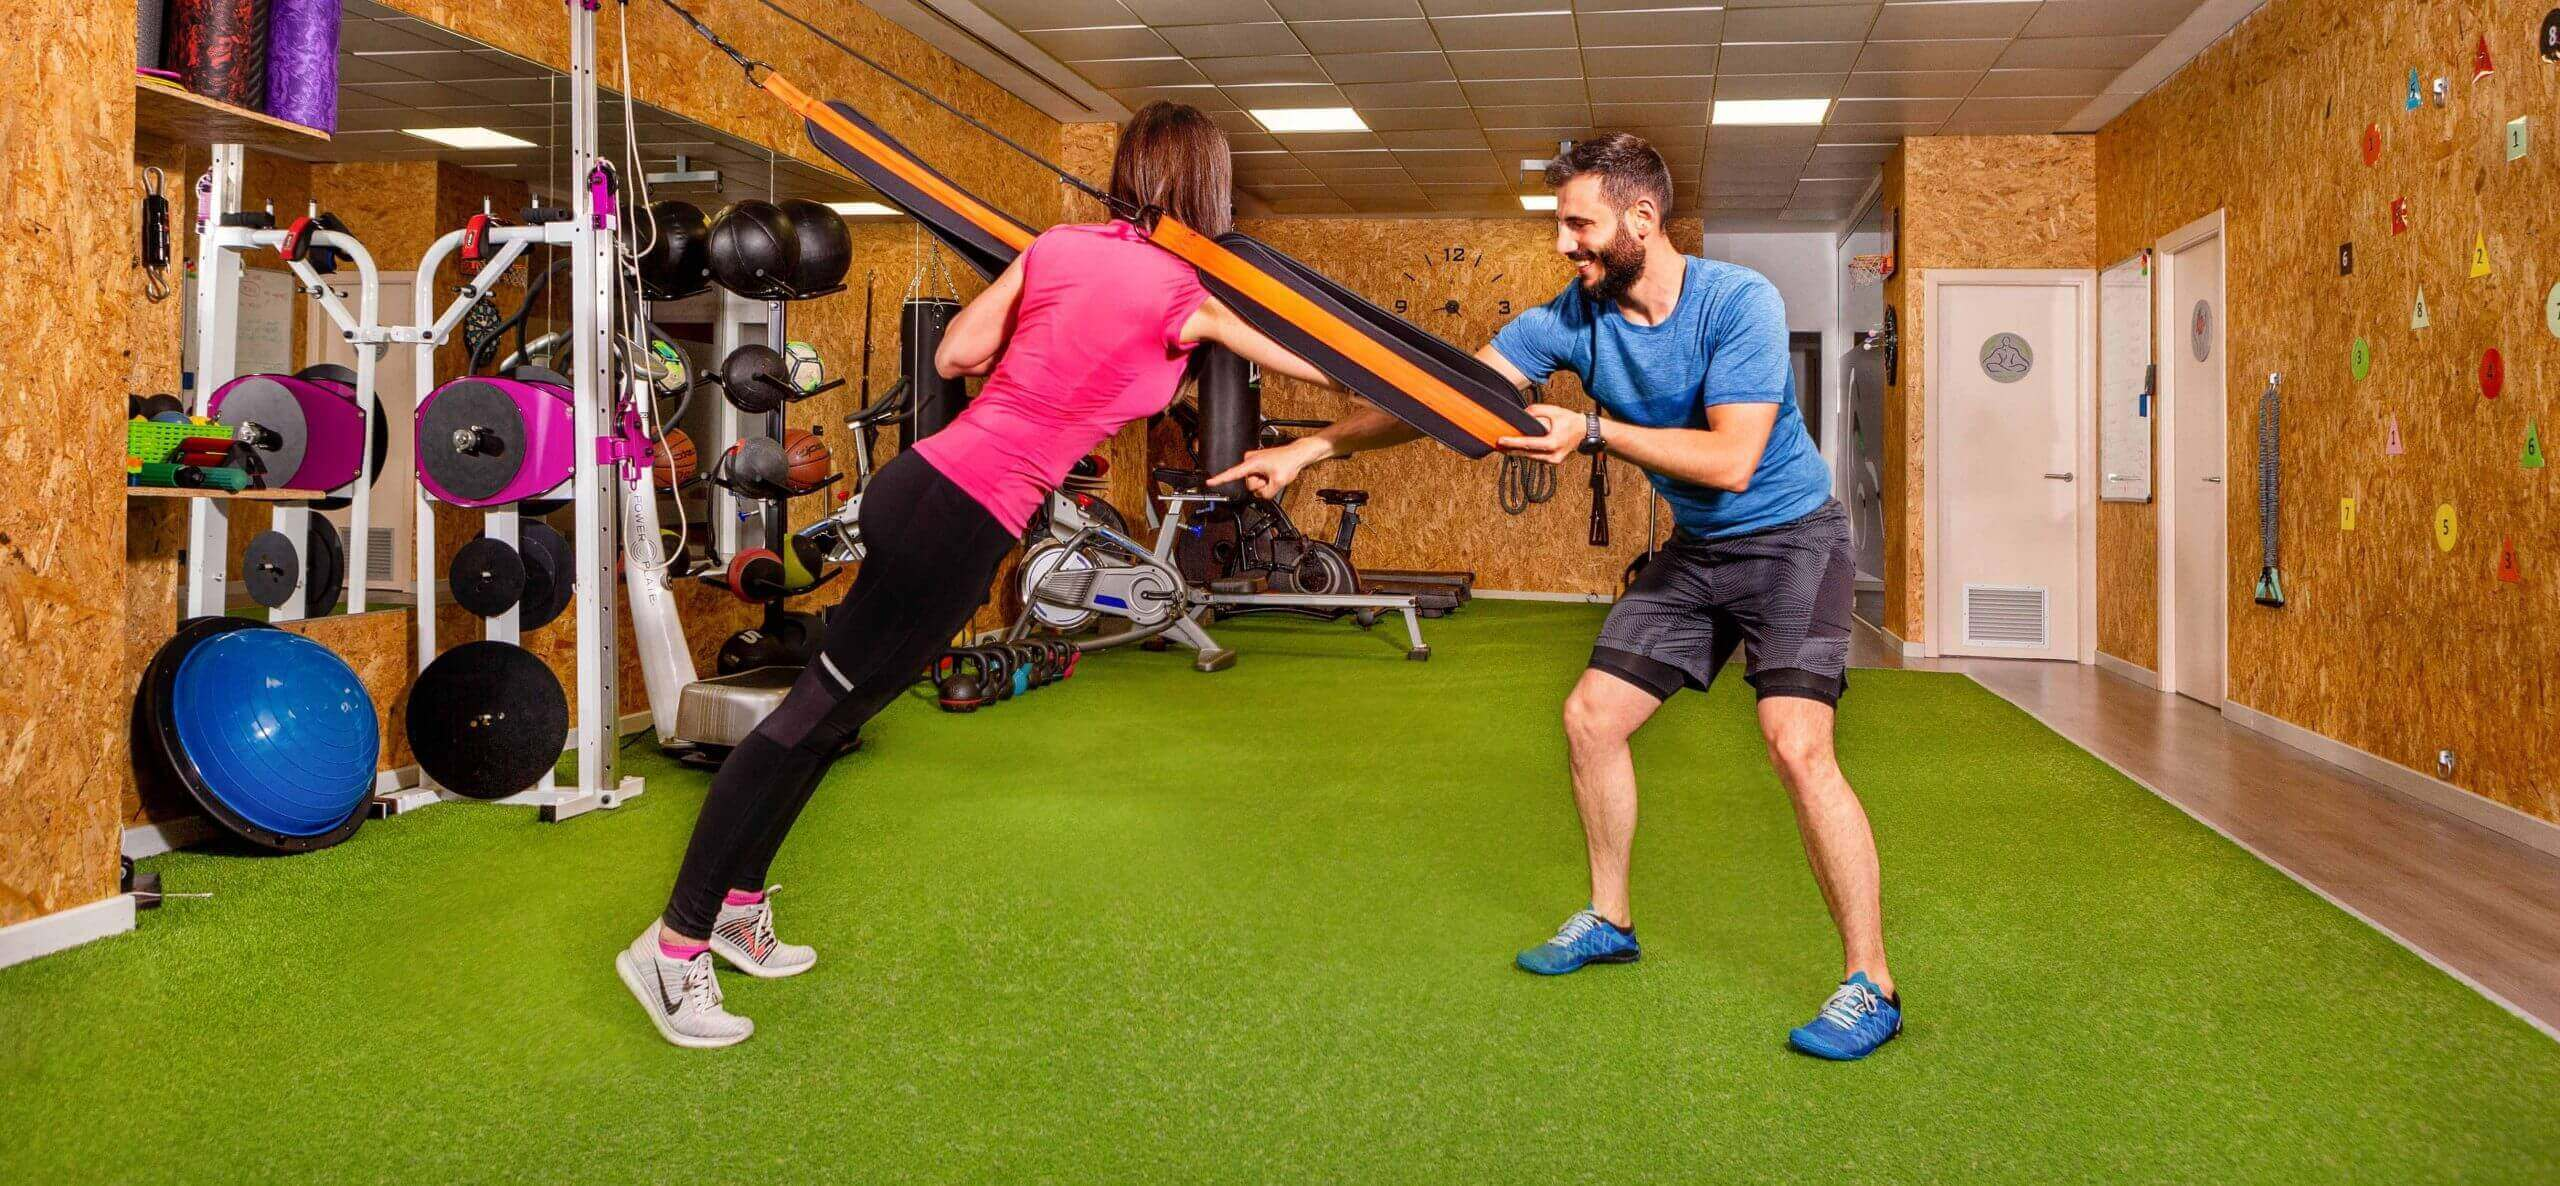 imagen de un entrenador corrigiendo un ejercicio a una chica